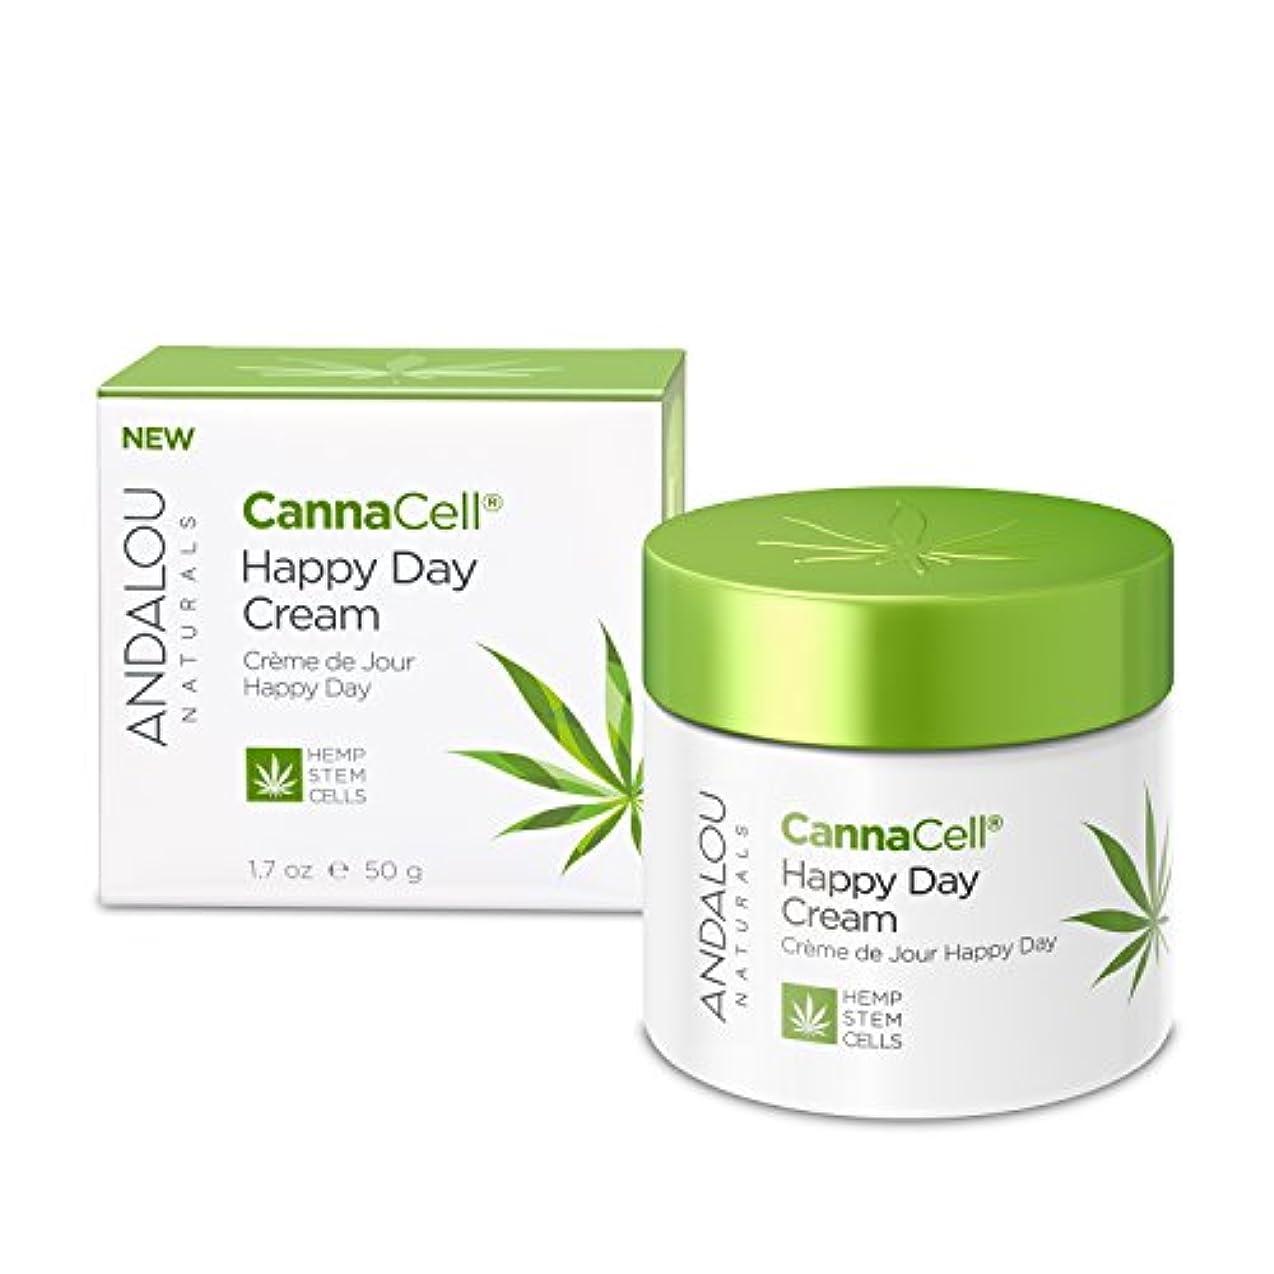 降下過半数きちんとしたオーガニック ボタニカル クリーム デイクリーム 美容クリーム ナチュラル フルーツ幹細胞 ヘンプ幹細胞 「 CannaCell® ハッピーデイクリーム 」 ANDALOU naturals アンダルー ナチュラルズ